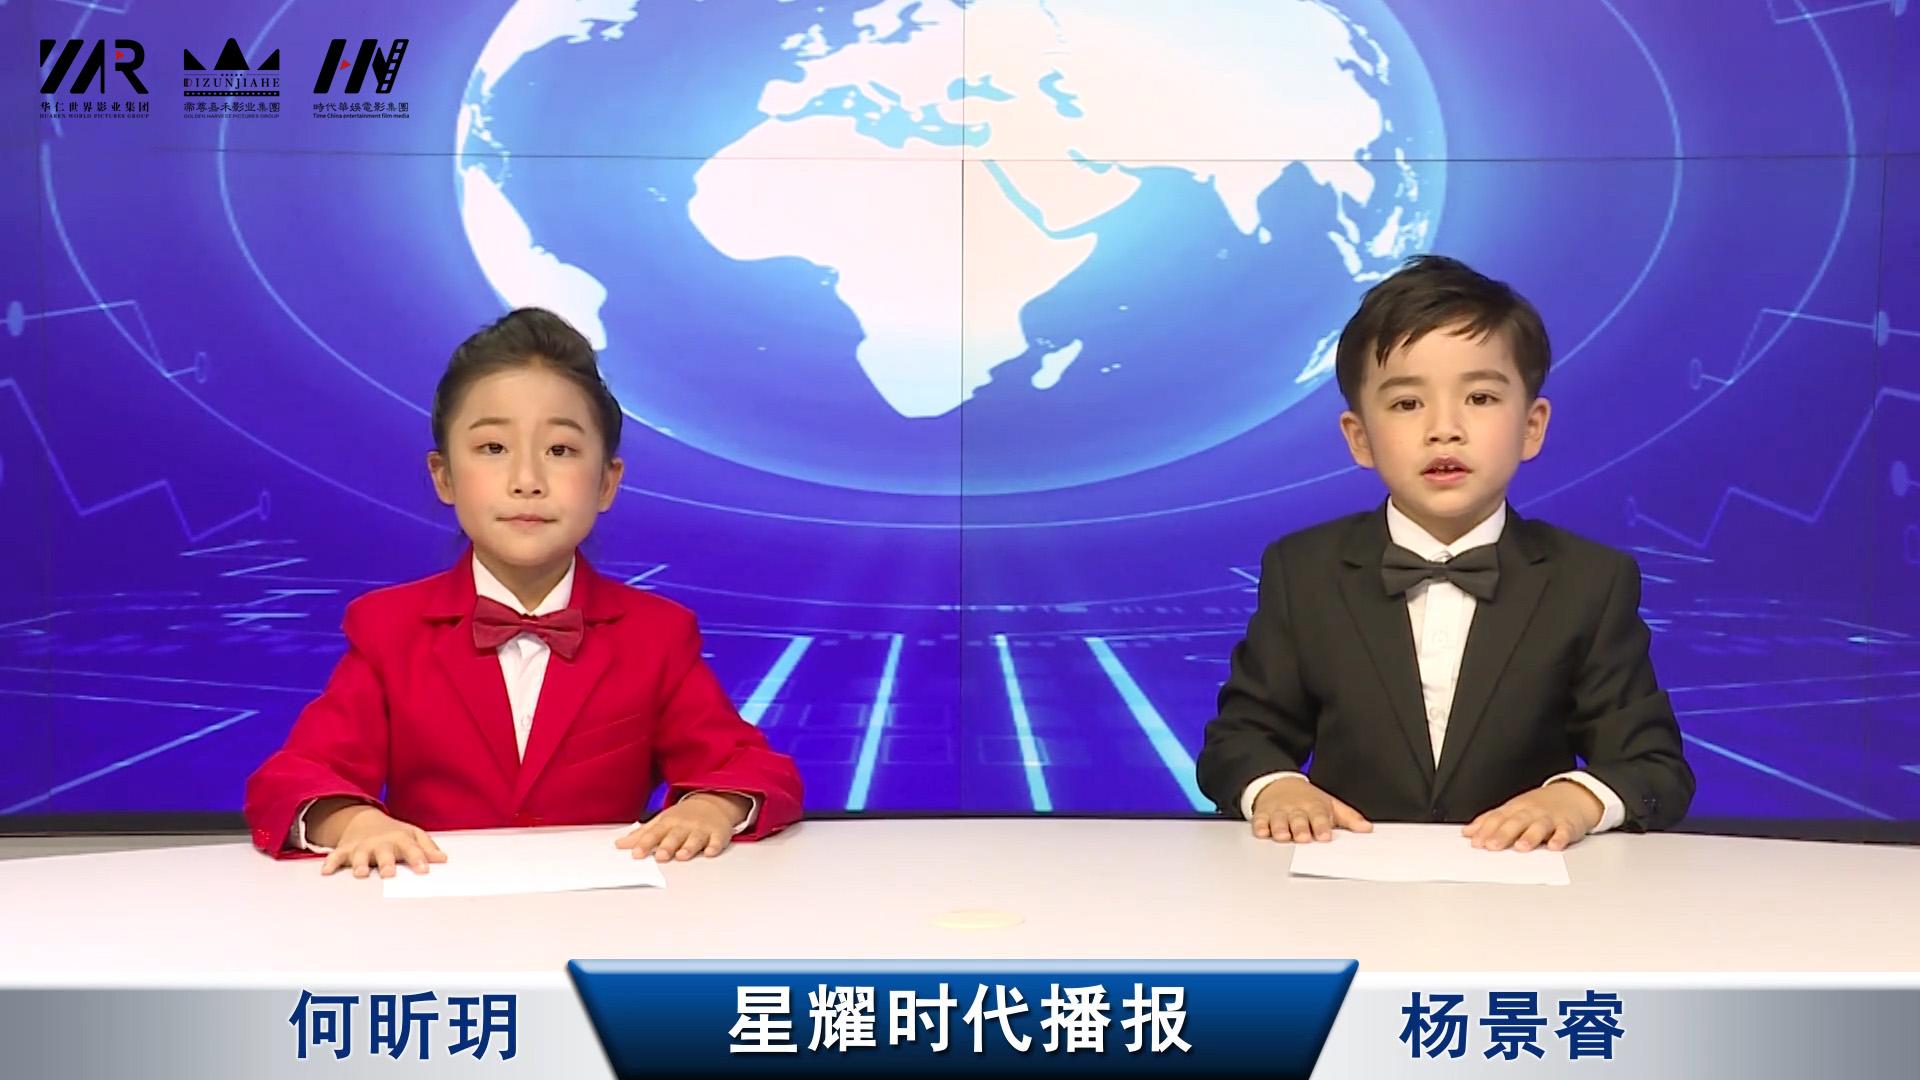 《星耀时代播报》第三十一期何昕玥&杨景睿